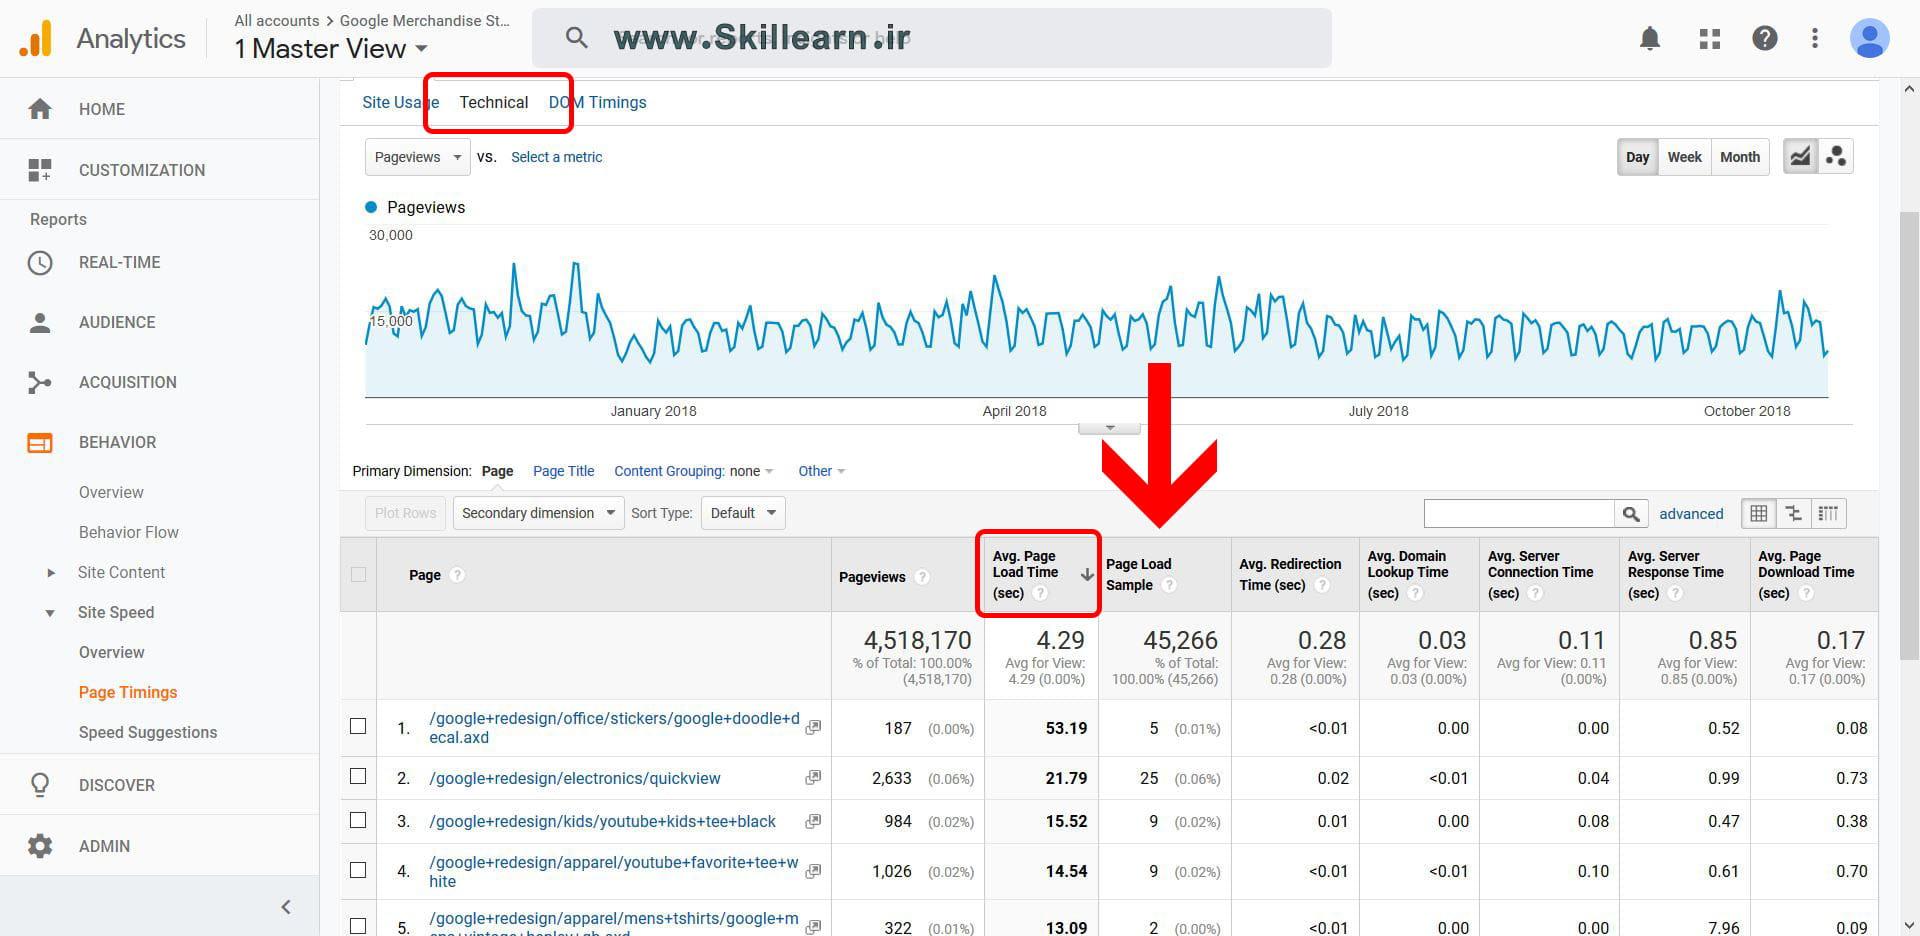 استفاده از تب Technical در گزارش Page Timings به منظور بهبود سرعت در گوگل آنالیتیکس